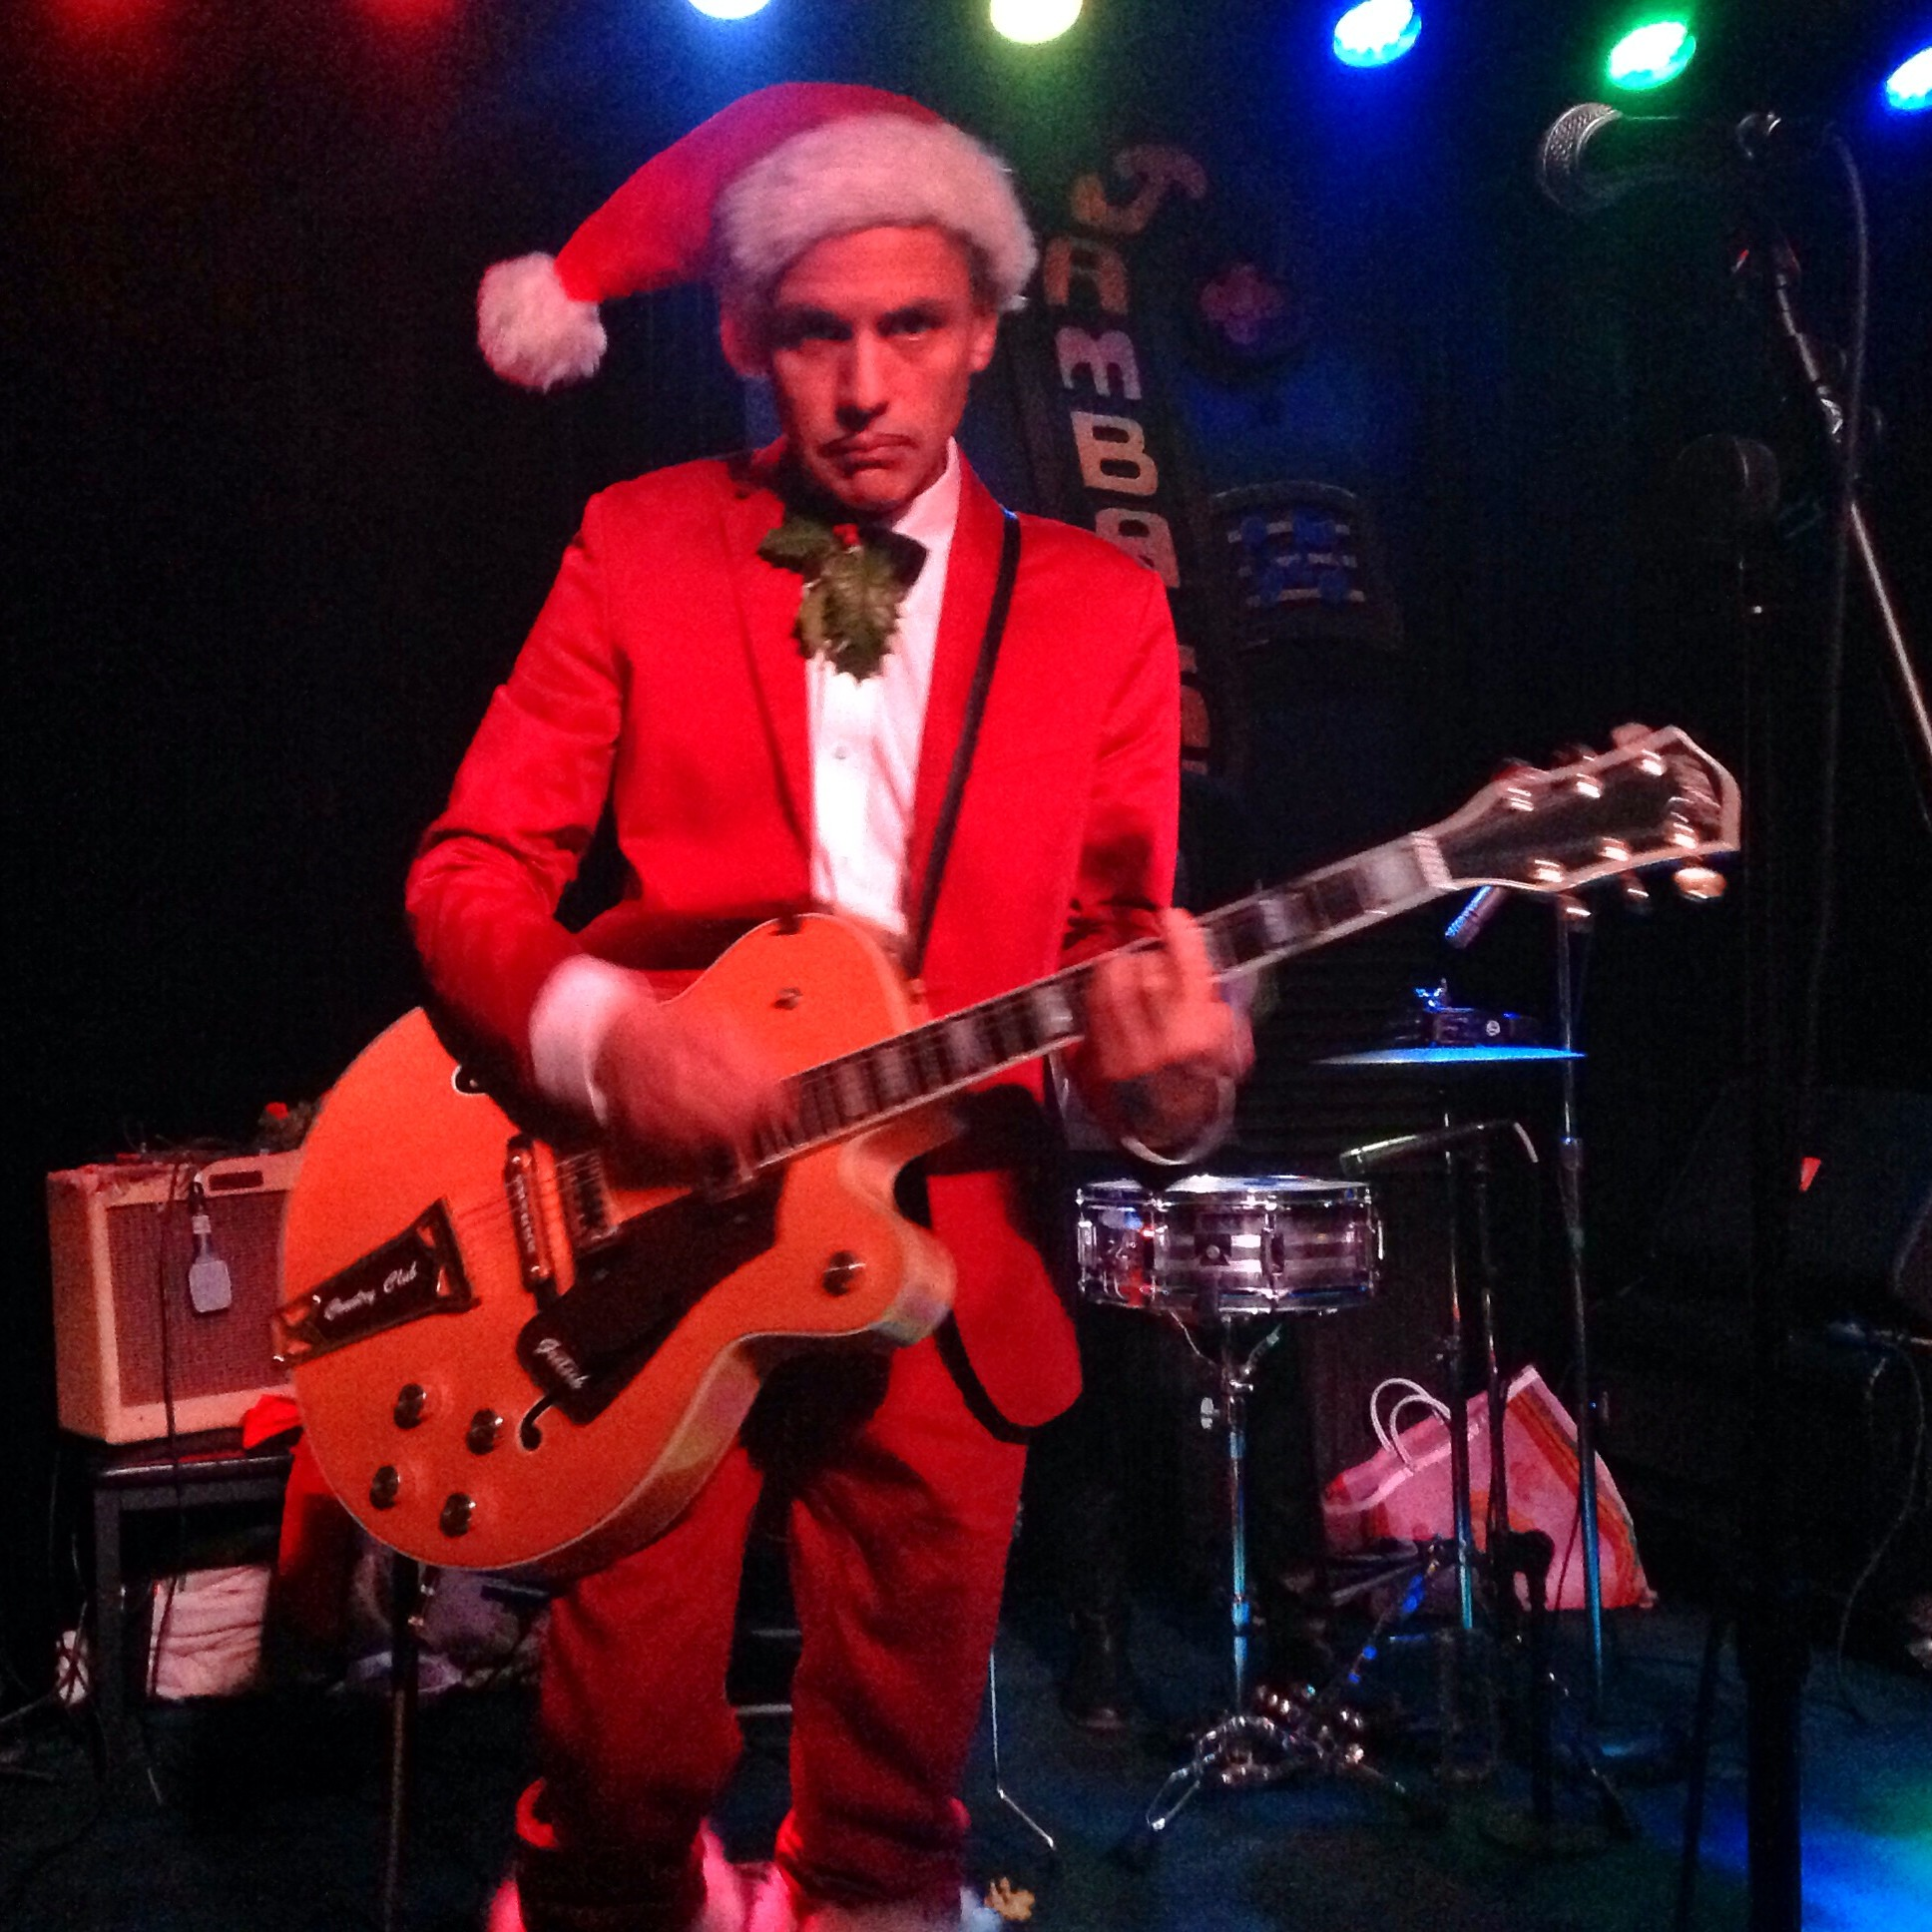 El Vez at the Jamabalaya Tuesday night. - BOB DORAN